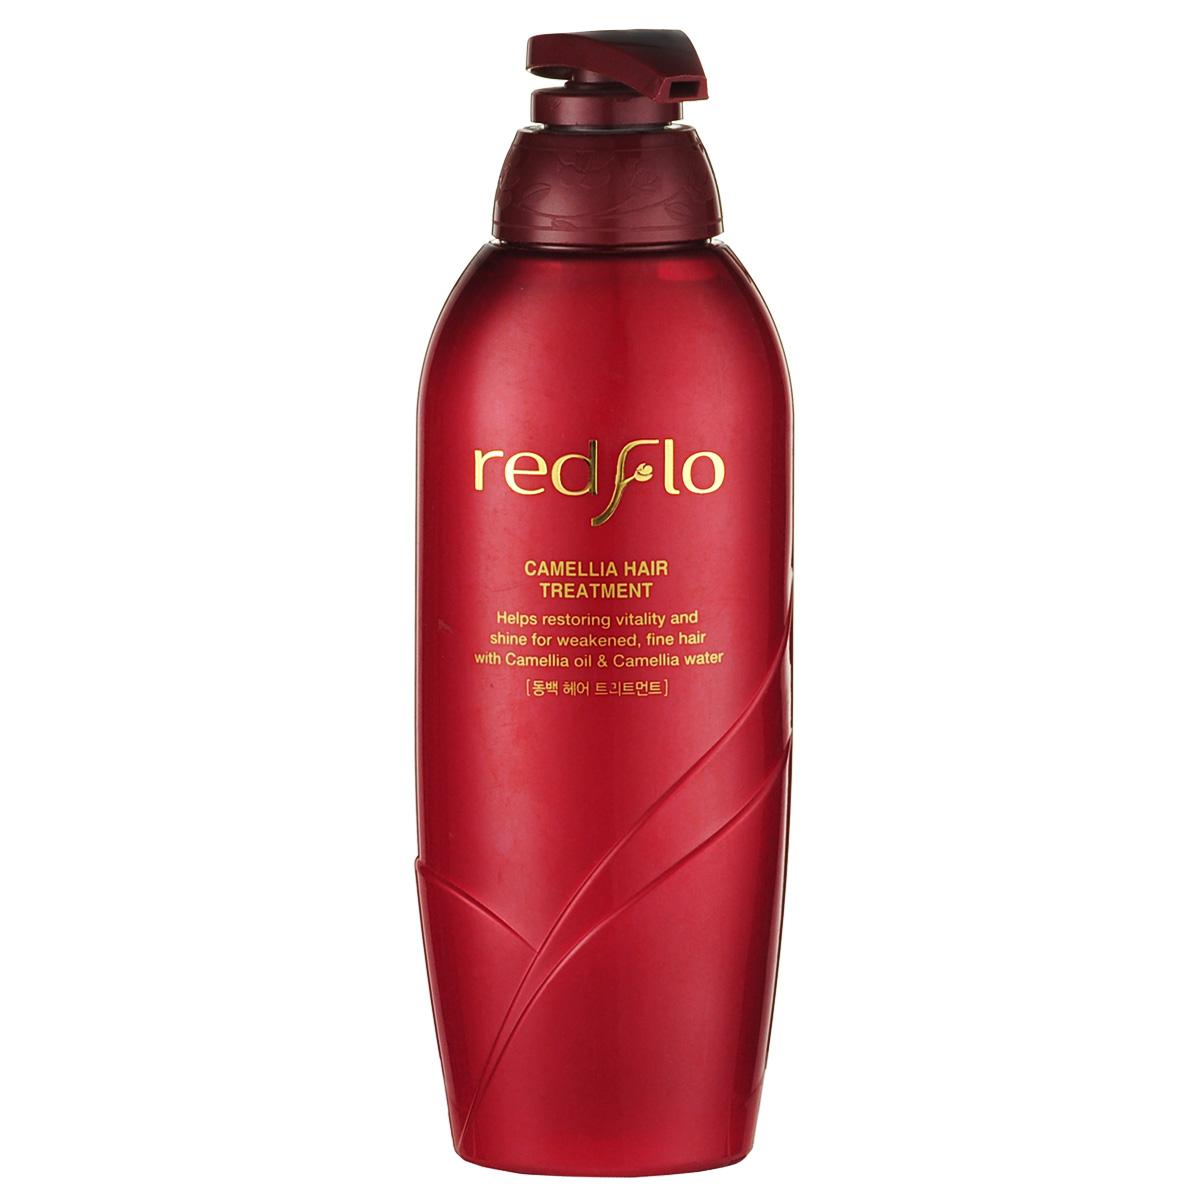 Somang Redflo Маска для волос, 500 млFS-00103Превосходное средство для ухода за окрашенными волосами. Делает волосы сверкающими и здоровыми. Придаёт живость цветам. Снабжает волосы натуральным белком и разглаживает кутикулу. Содержит кератин и масло семян Камелии. Для всех типов волос.